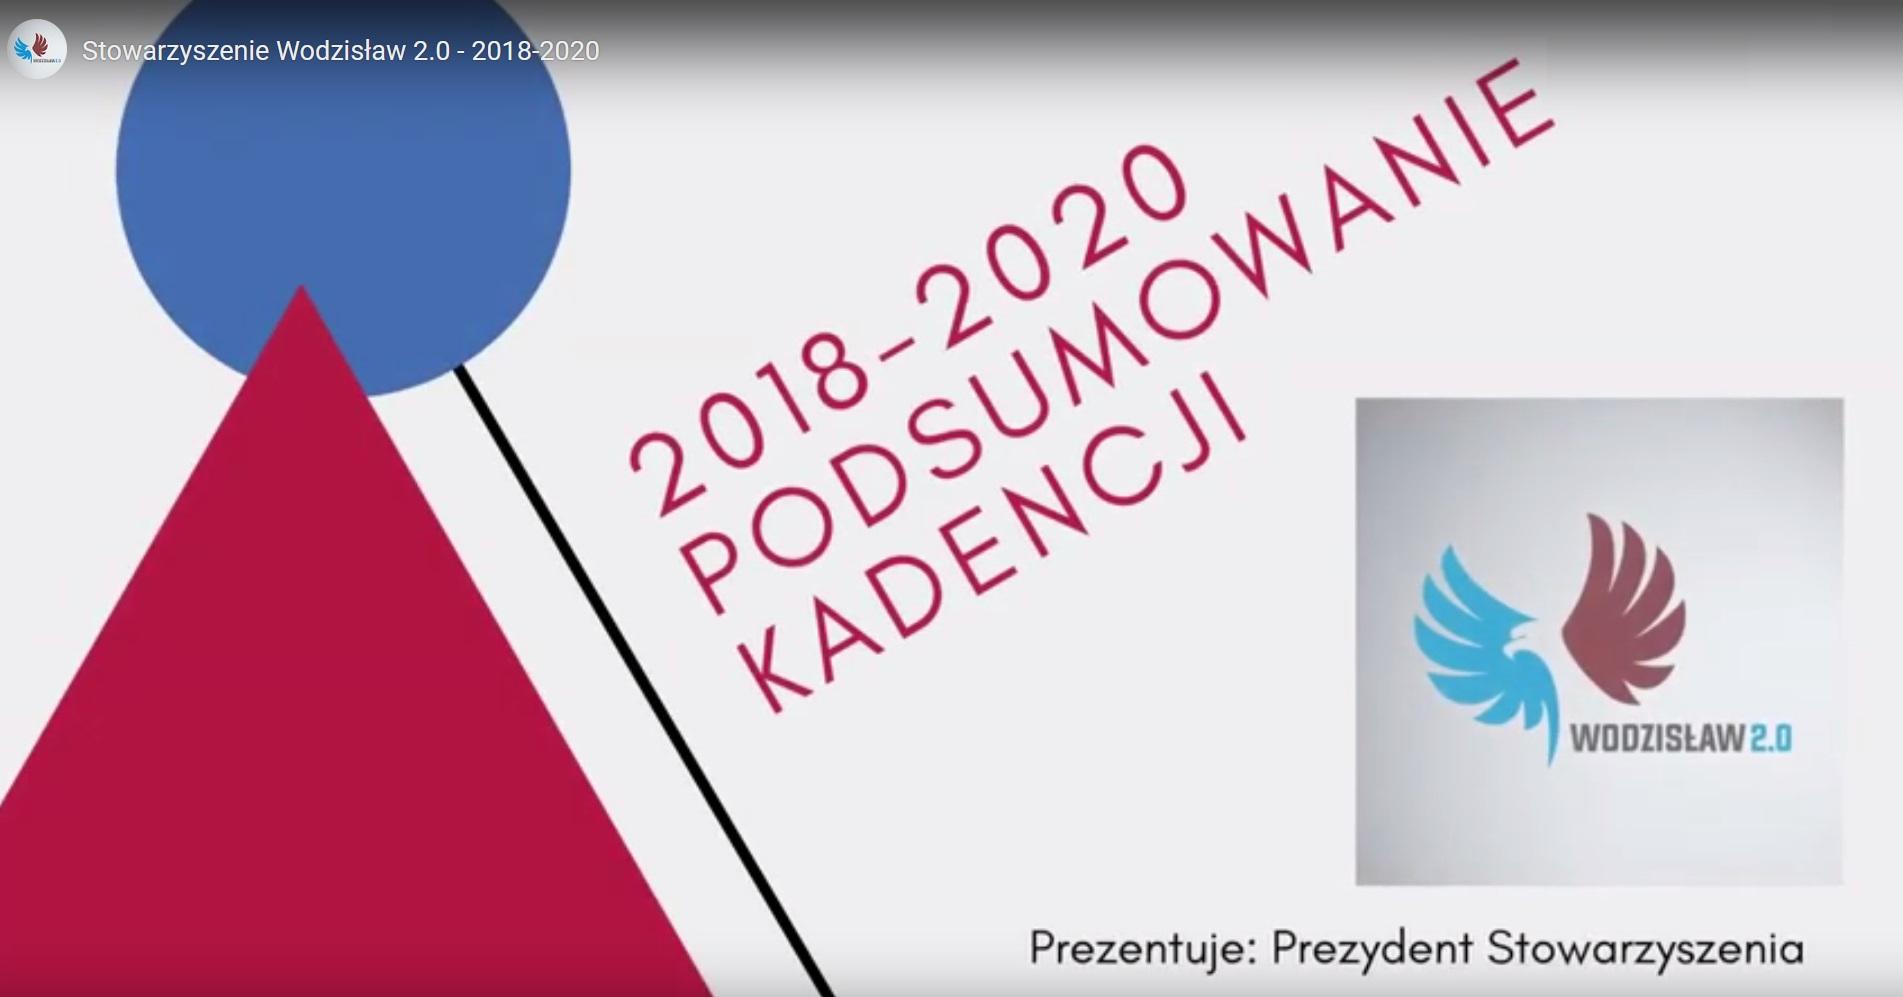 stowarzyszenie wodzislaw 2.0 kadencja 2018-2020